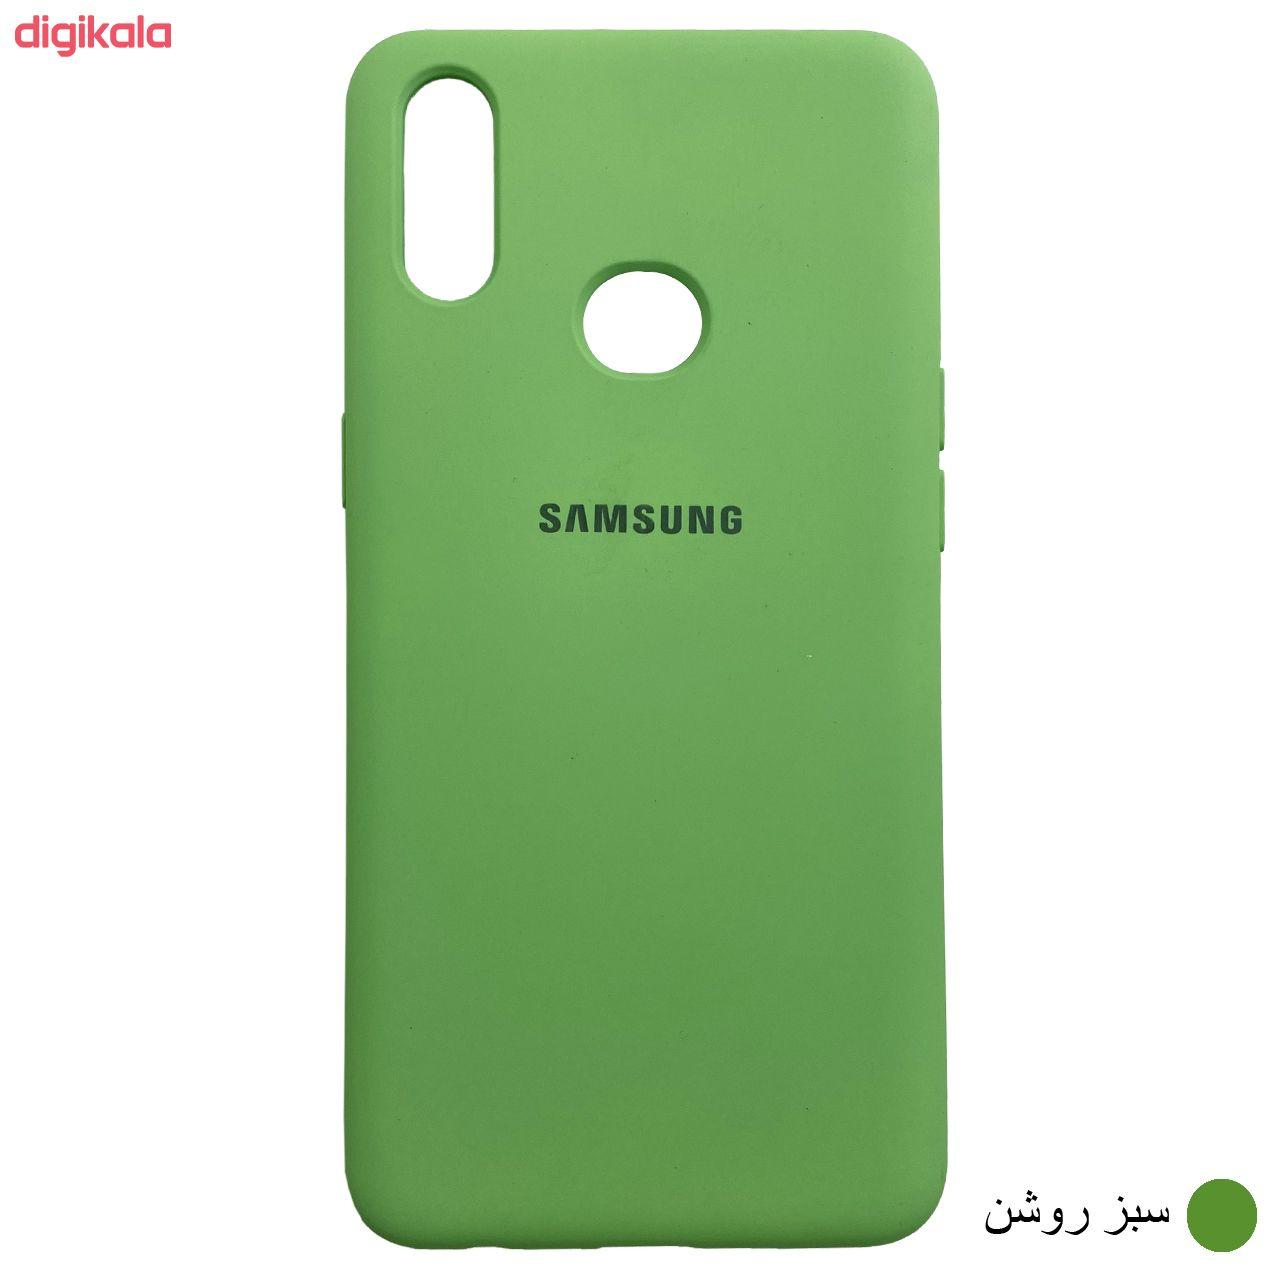 کاور مدل SCN مناسب برای گوشی موبایل سامسونگ Galaxy A10s main 1 10